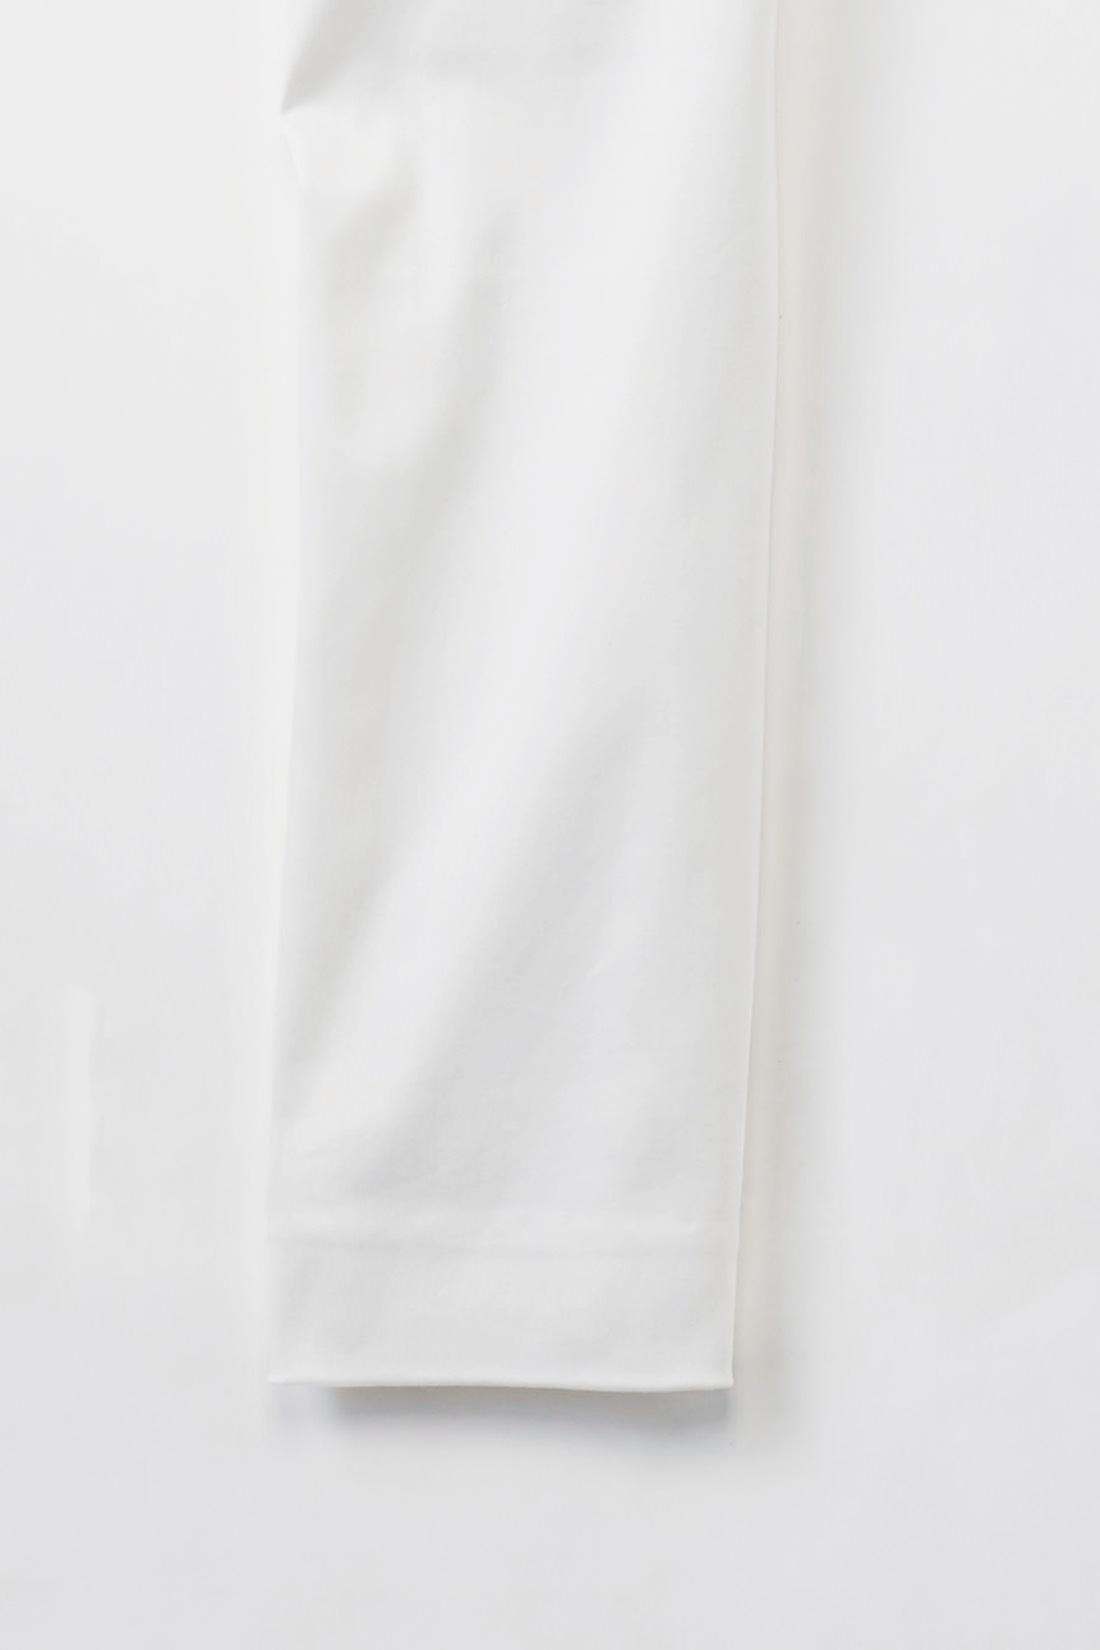 すそはノーステッチのすくい縫いでスマート仕上げ。